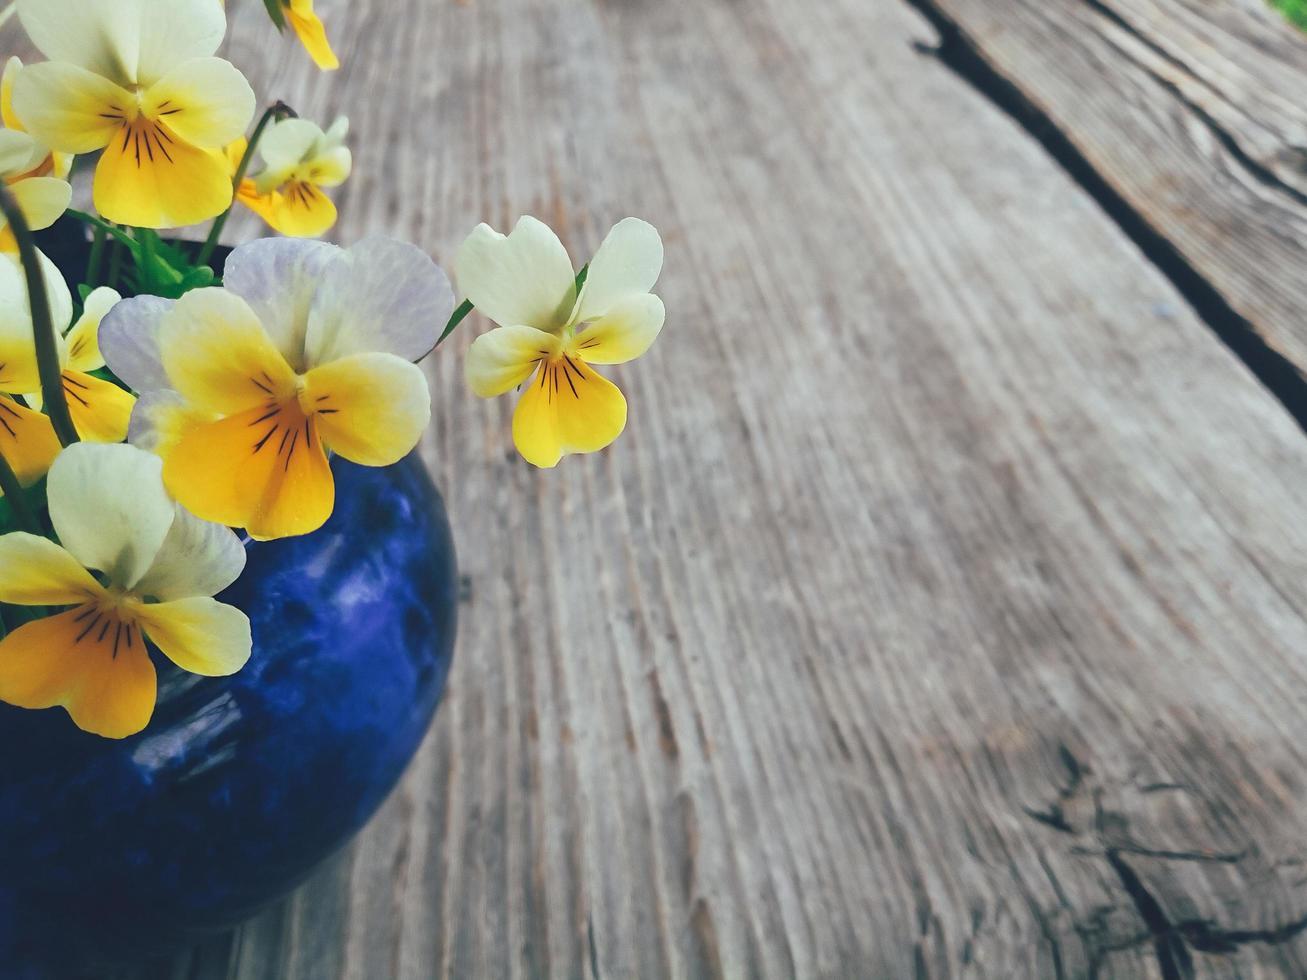 gele kus-me-snelle bloemen in blauwe keramische beker, op houten veranda achtergrond. stilleven in rustieke stijl. close-up bekijken. zomer of lente in de tuin, platteland lifestyle concept. kopieer ruimte foto